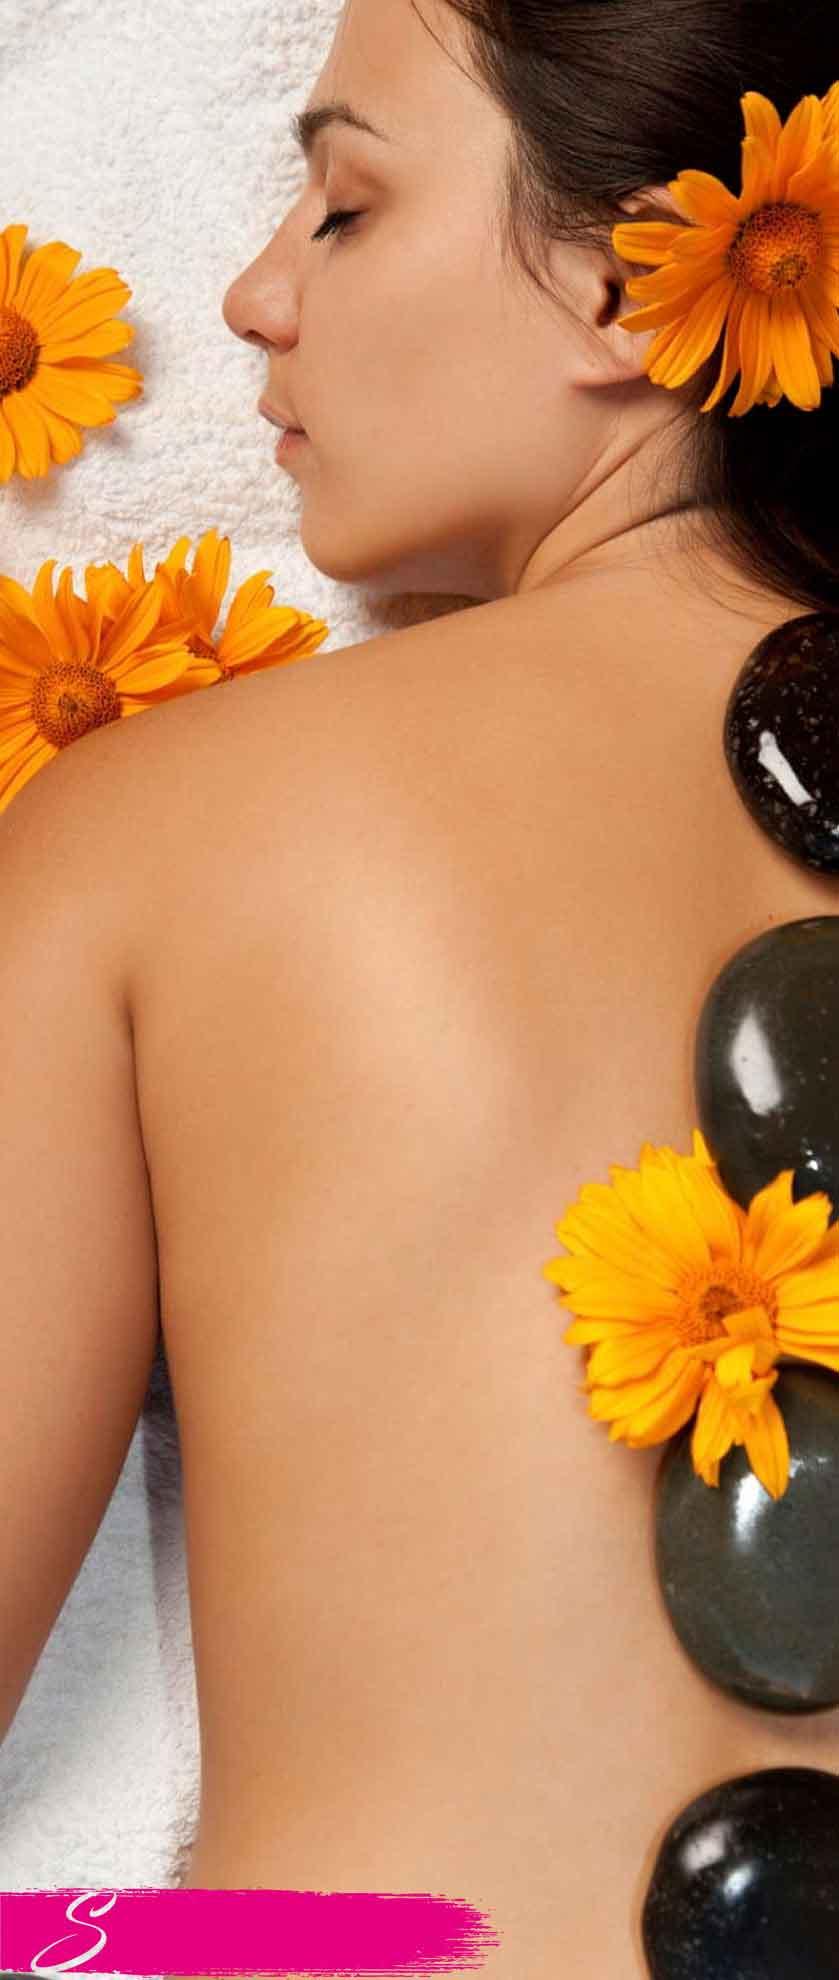 estetista-ciampino-massaggio-Hot-Stone-sensazioni